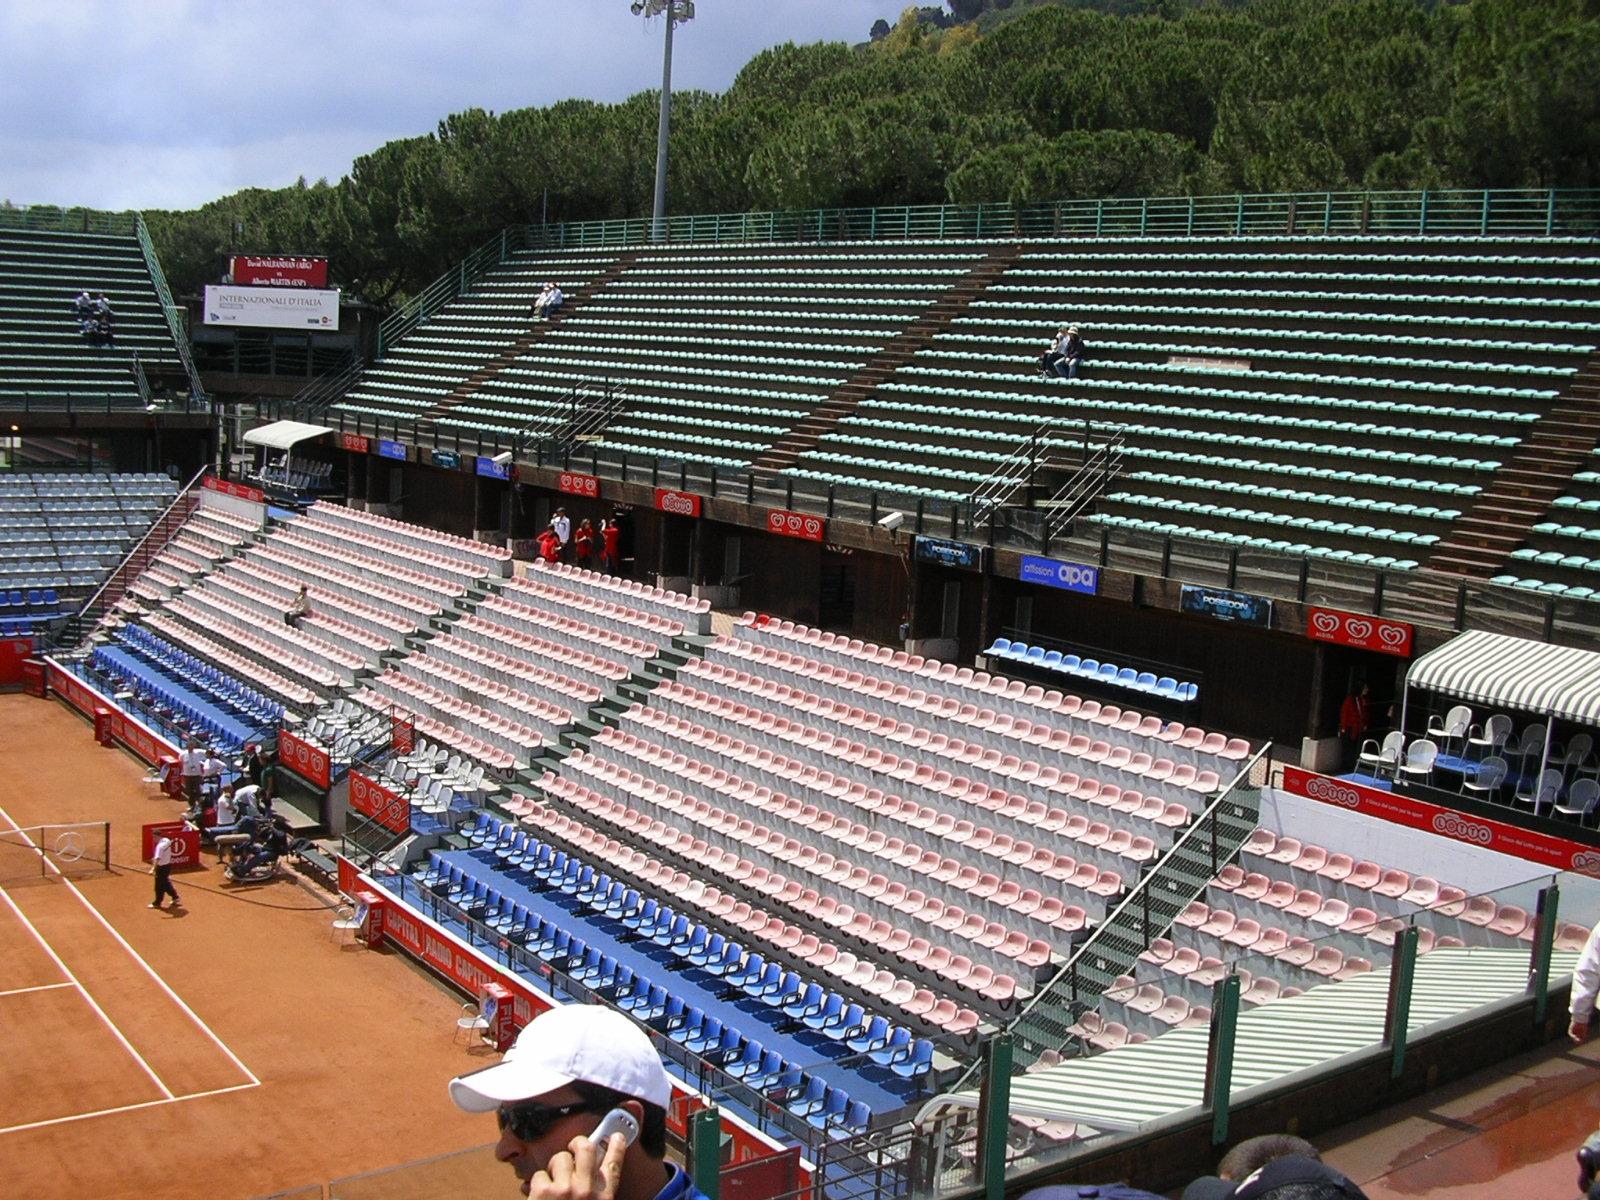 roma stadio centrale del tennis foro italico page 3 skyscrapercity. Black Bedroom Furniture Sets. Home Design Ideas